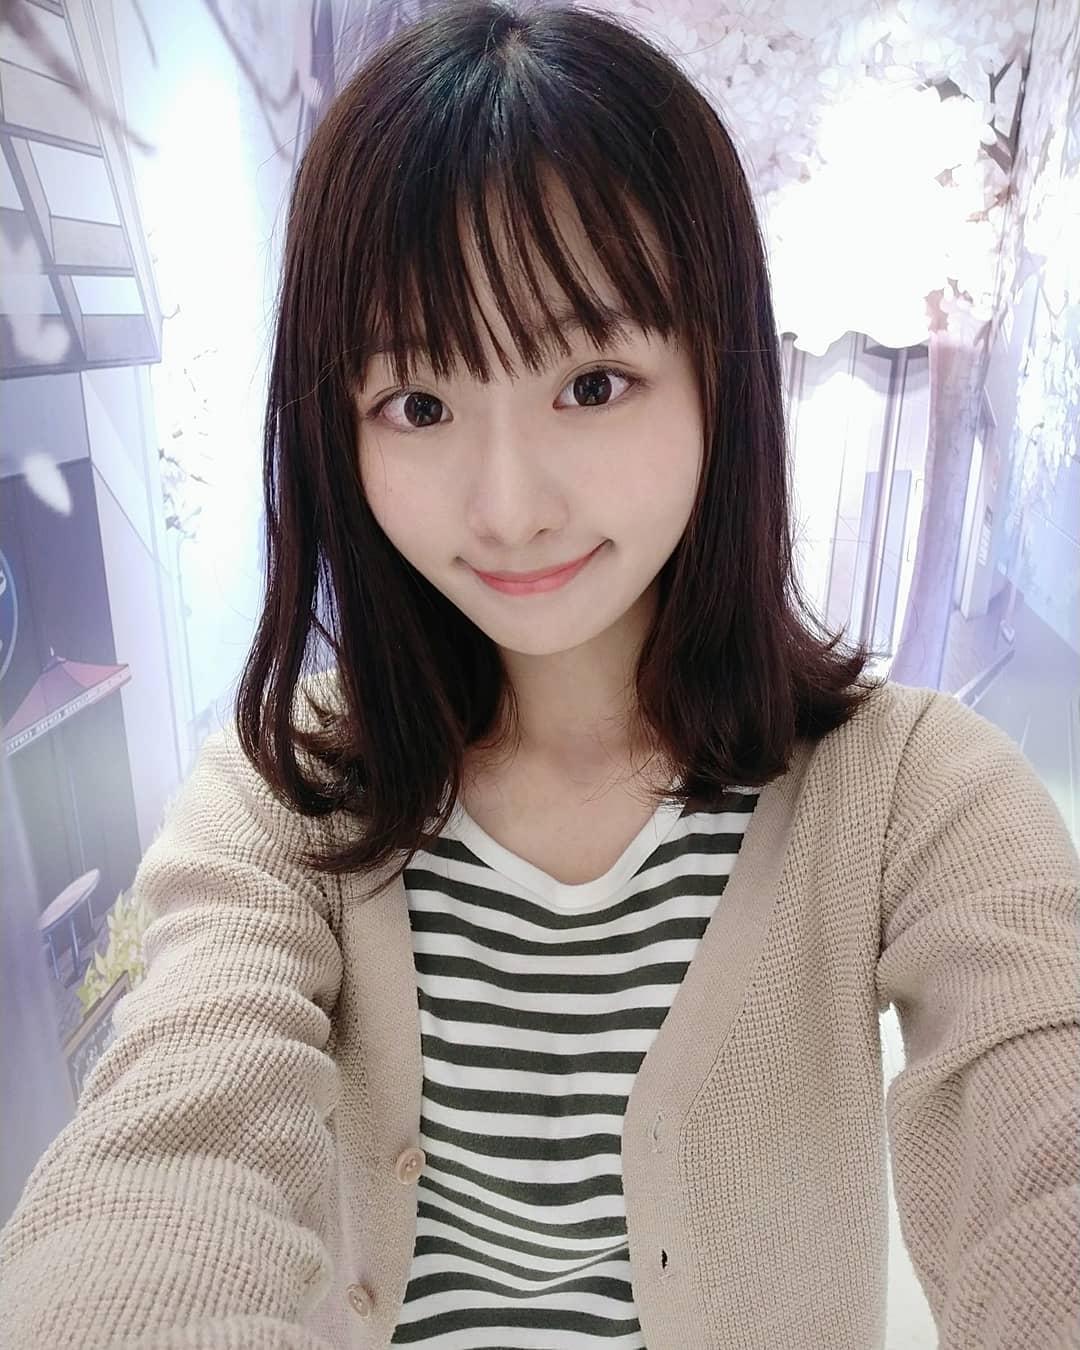 音乐女神@林涵钰Ruri拥有一双会笑的眼睛,个人照太可爱了 文章 第5张